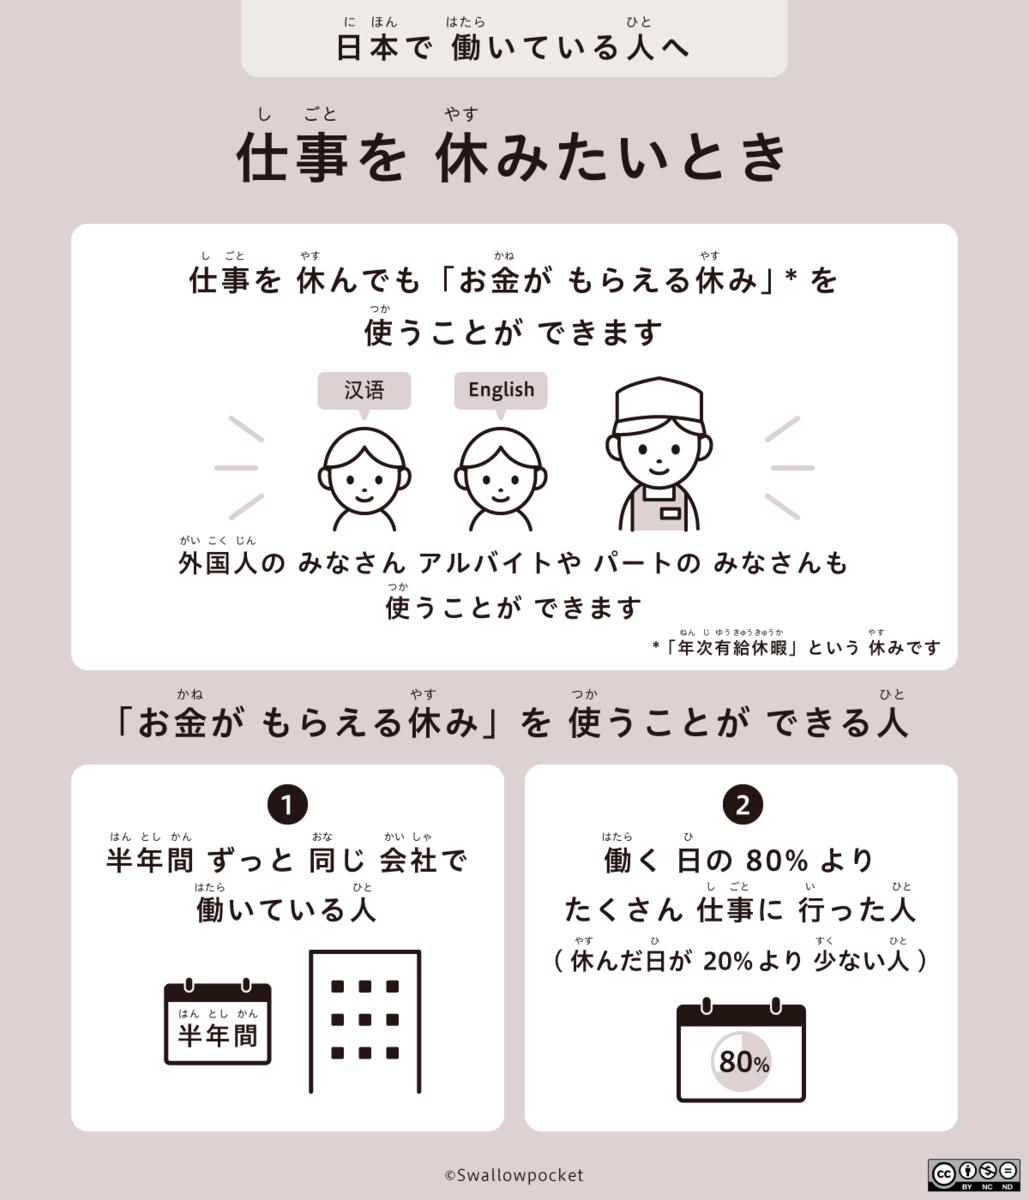 日本で働いている人へ。仕事を休みたいときの説明。詳細は本文。